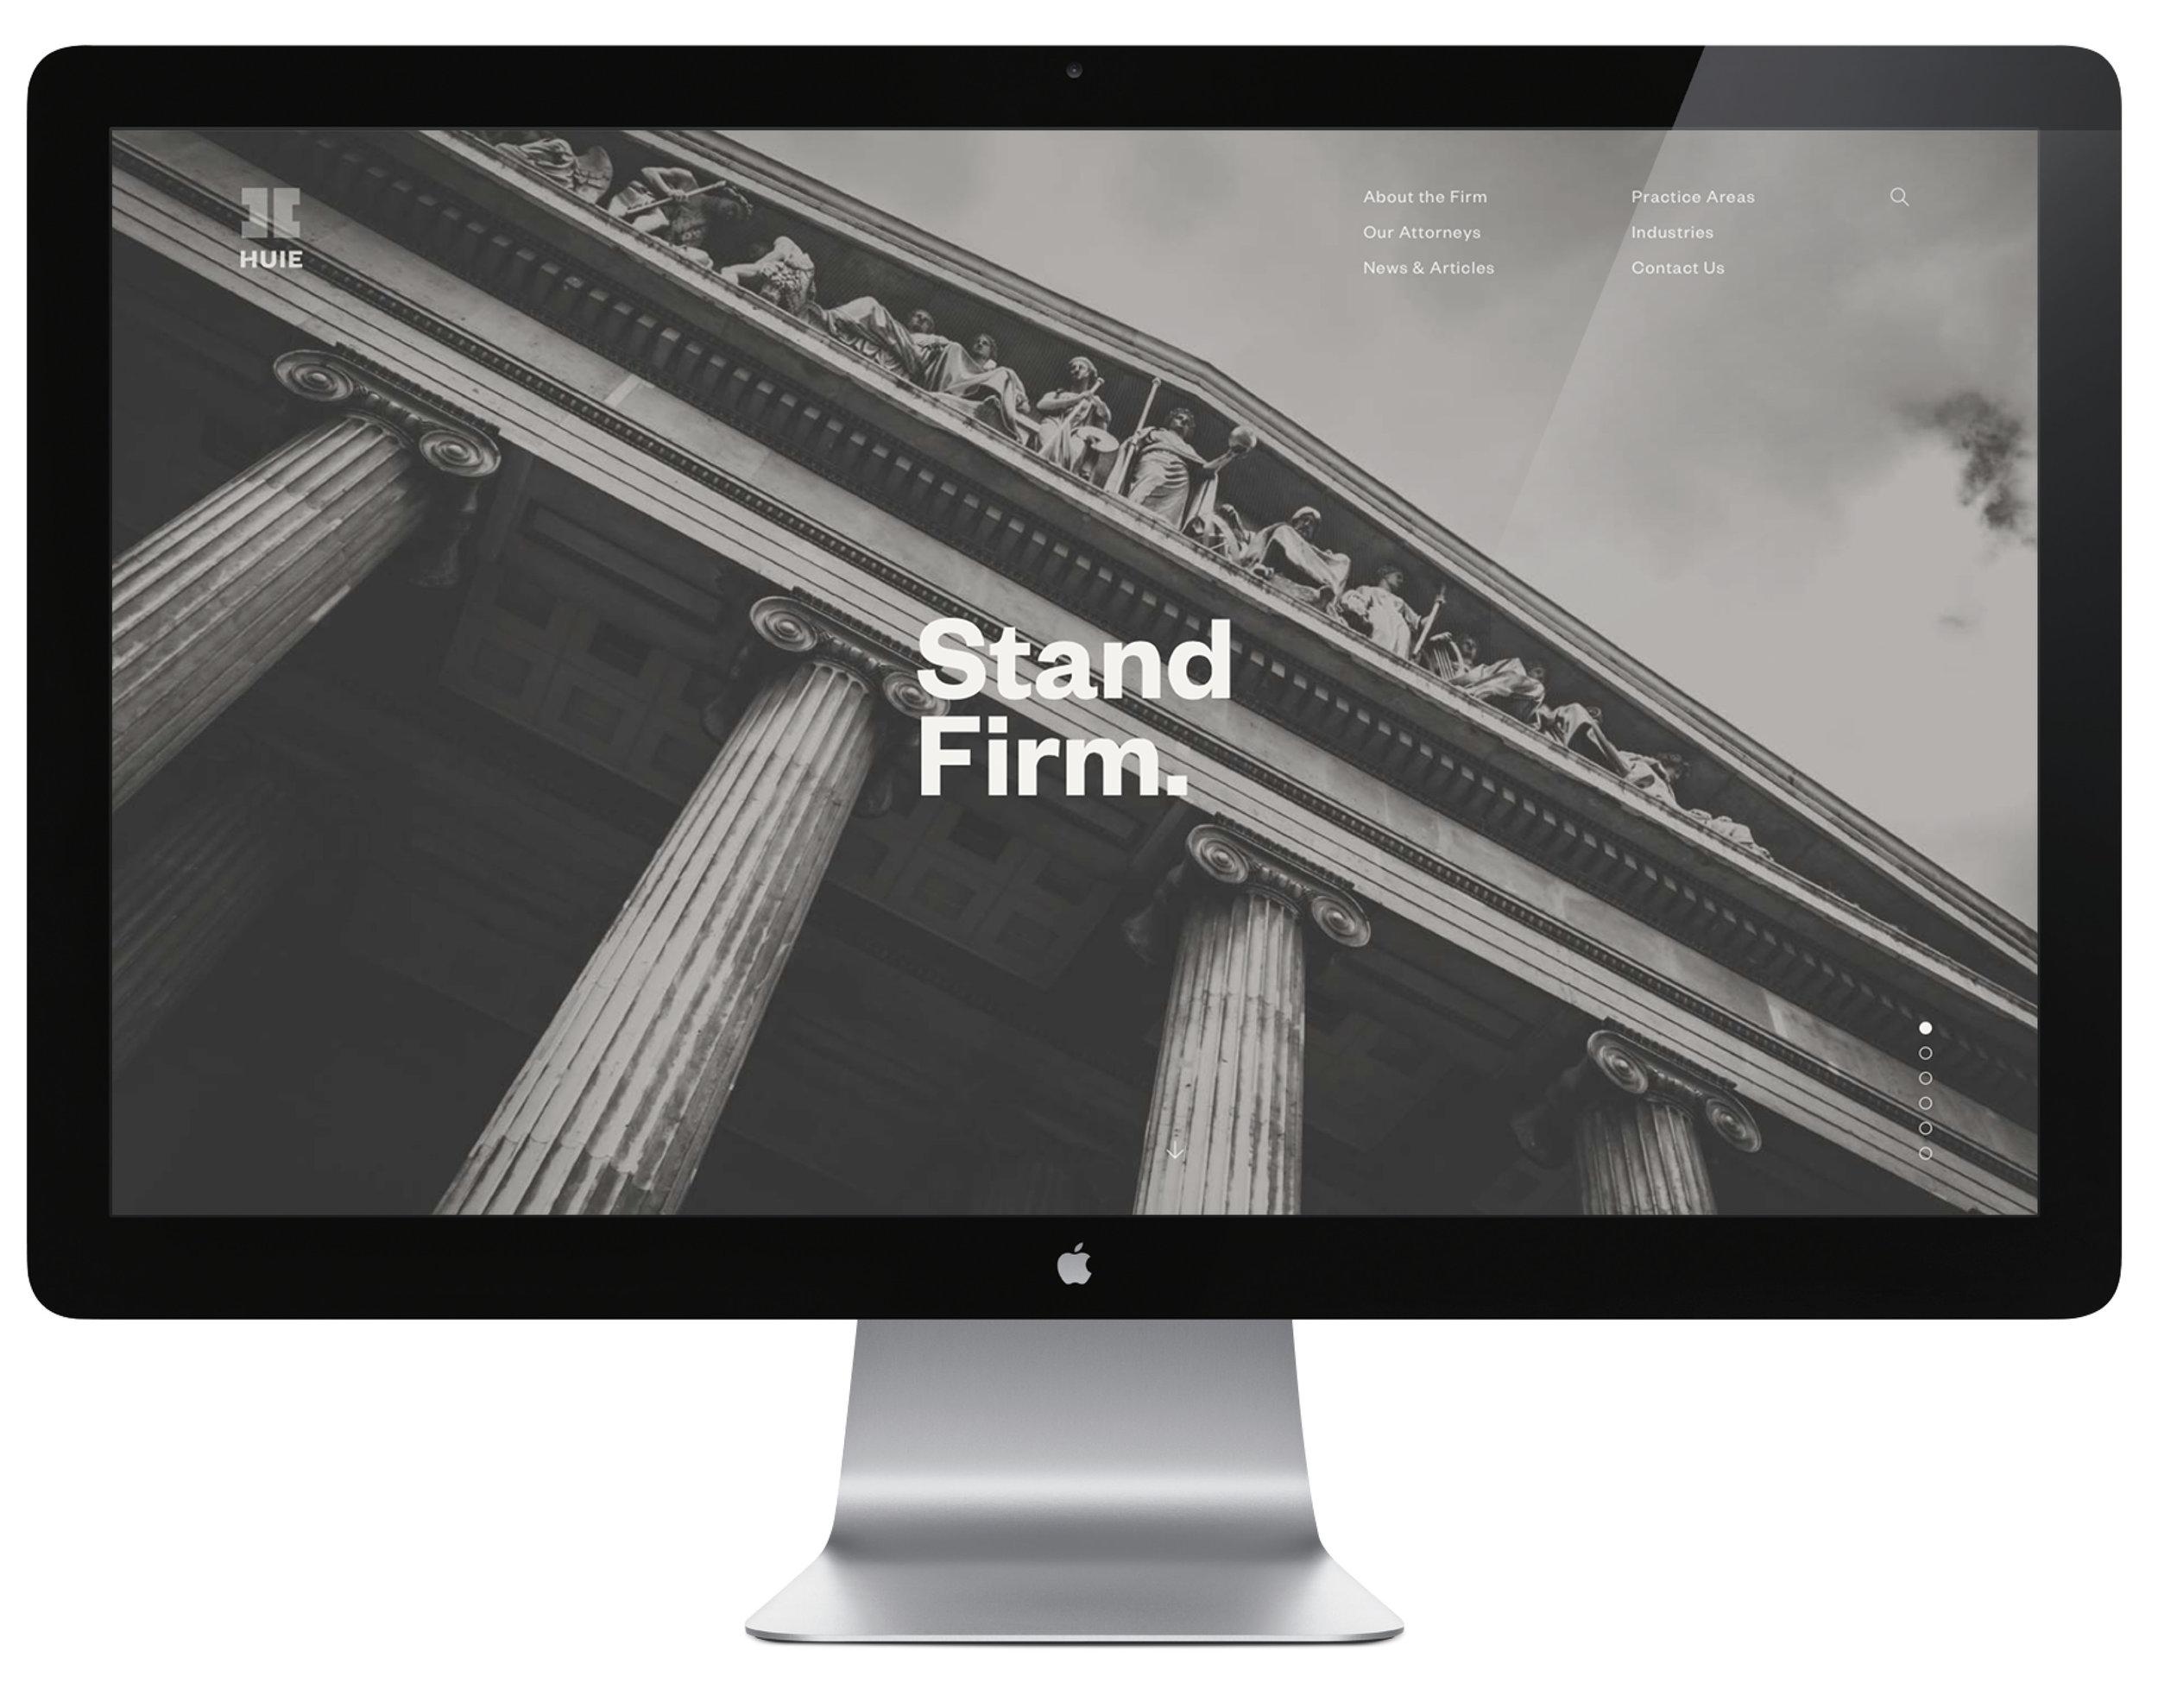 homepage+1.jpg